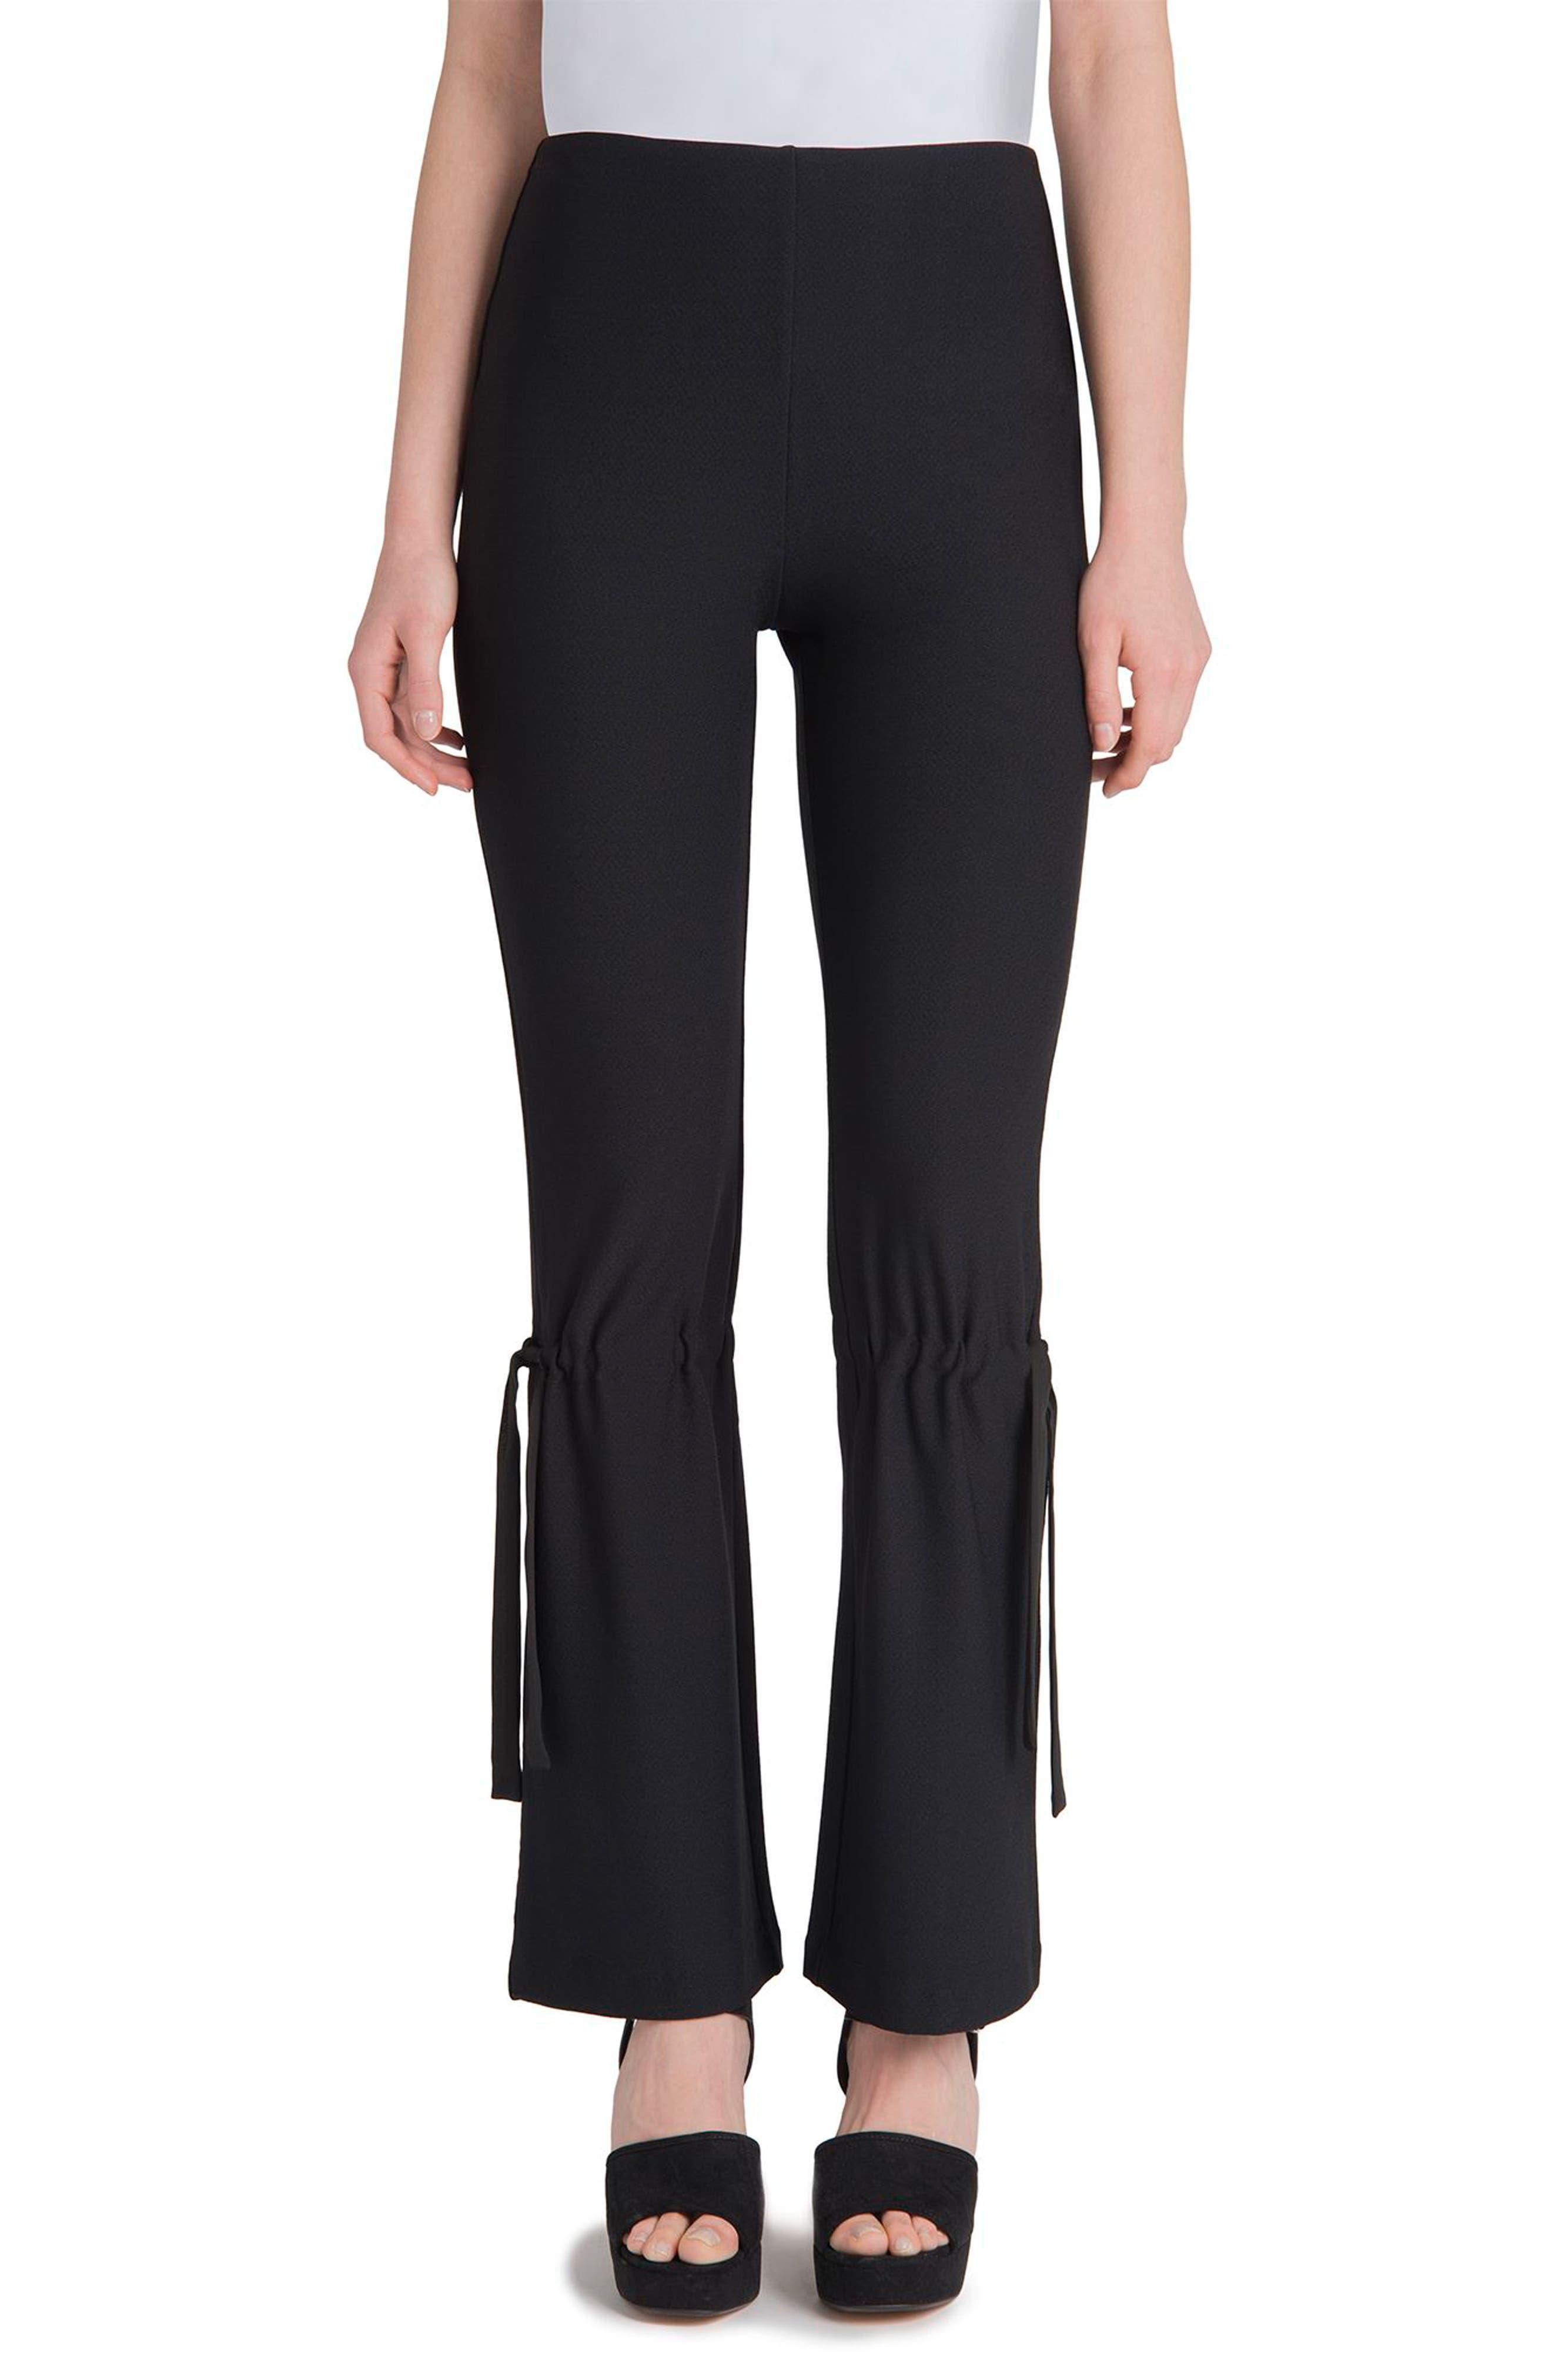 Arcadia High Waist Pants,                         Main,                         color,